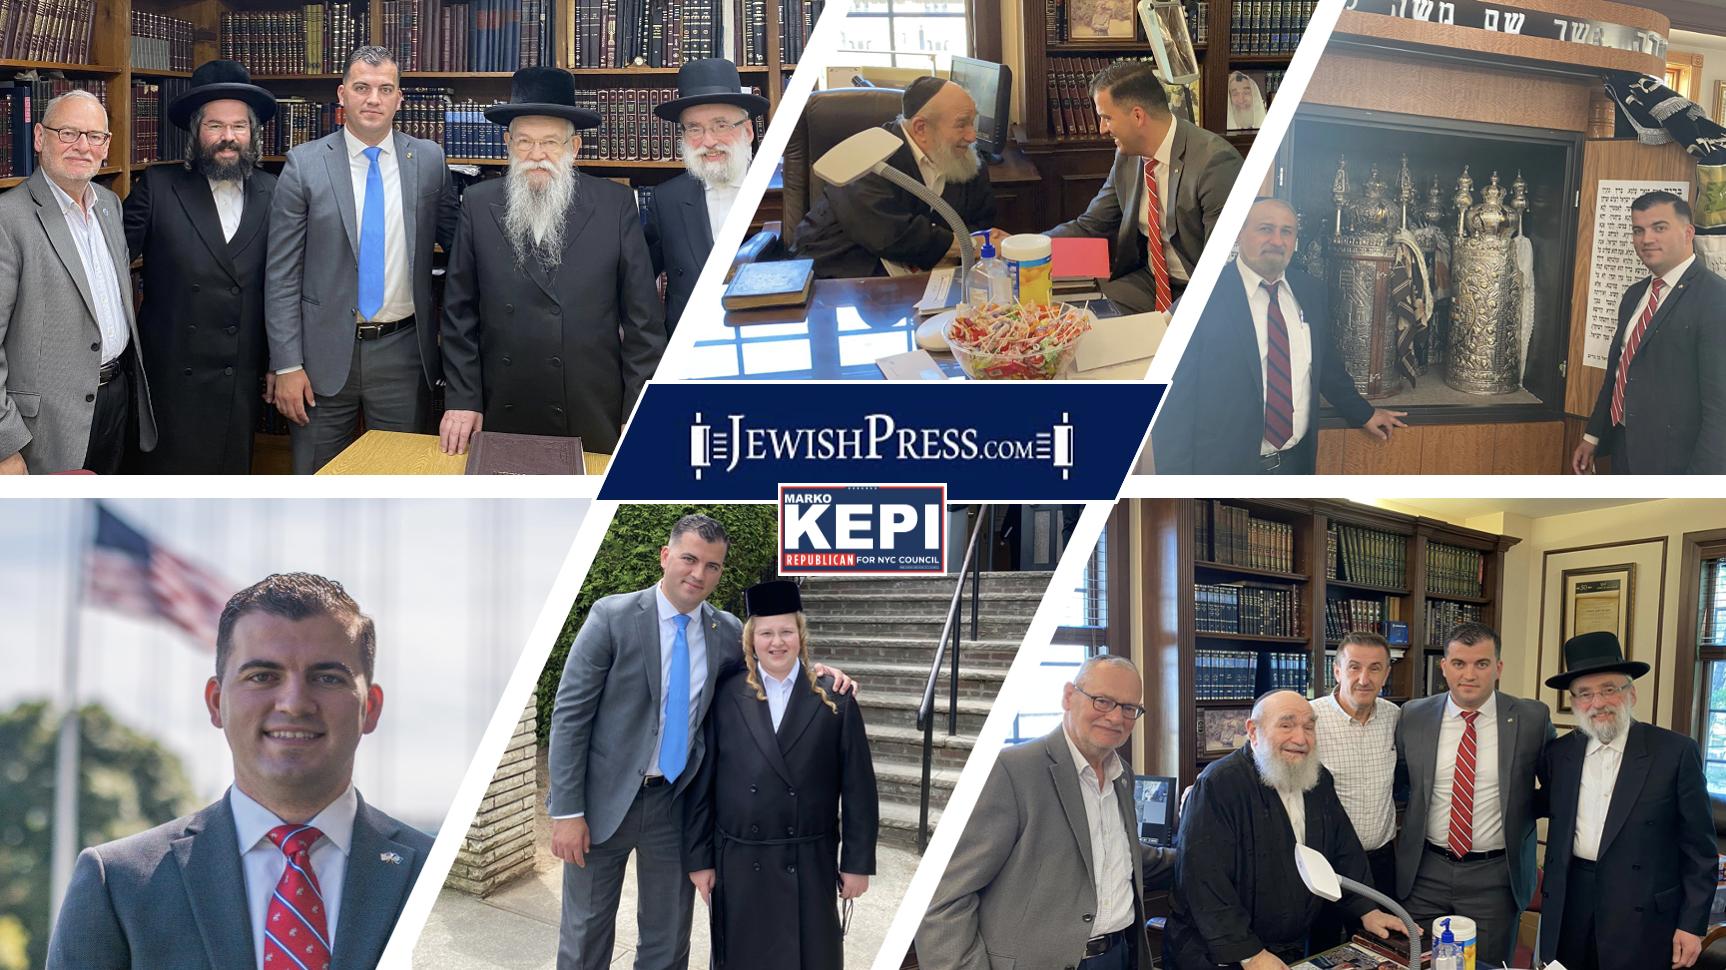 The Jewish Press Endorsements U.S Marine Marko Kepi For City Council